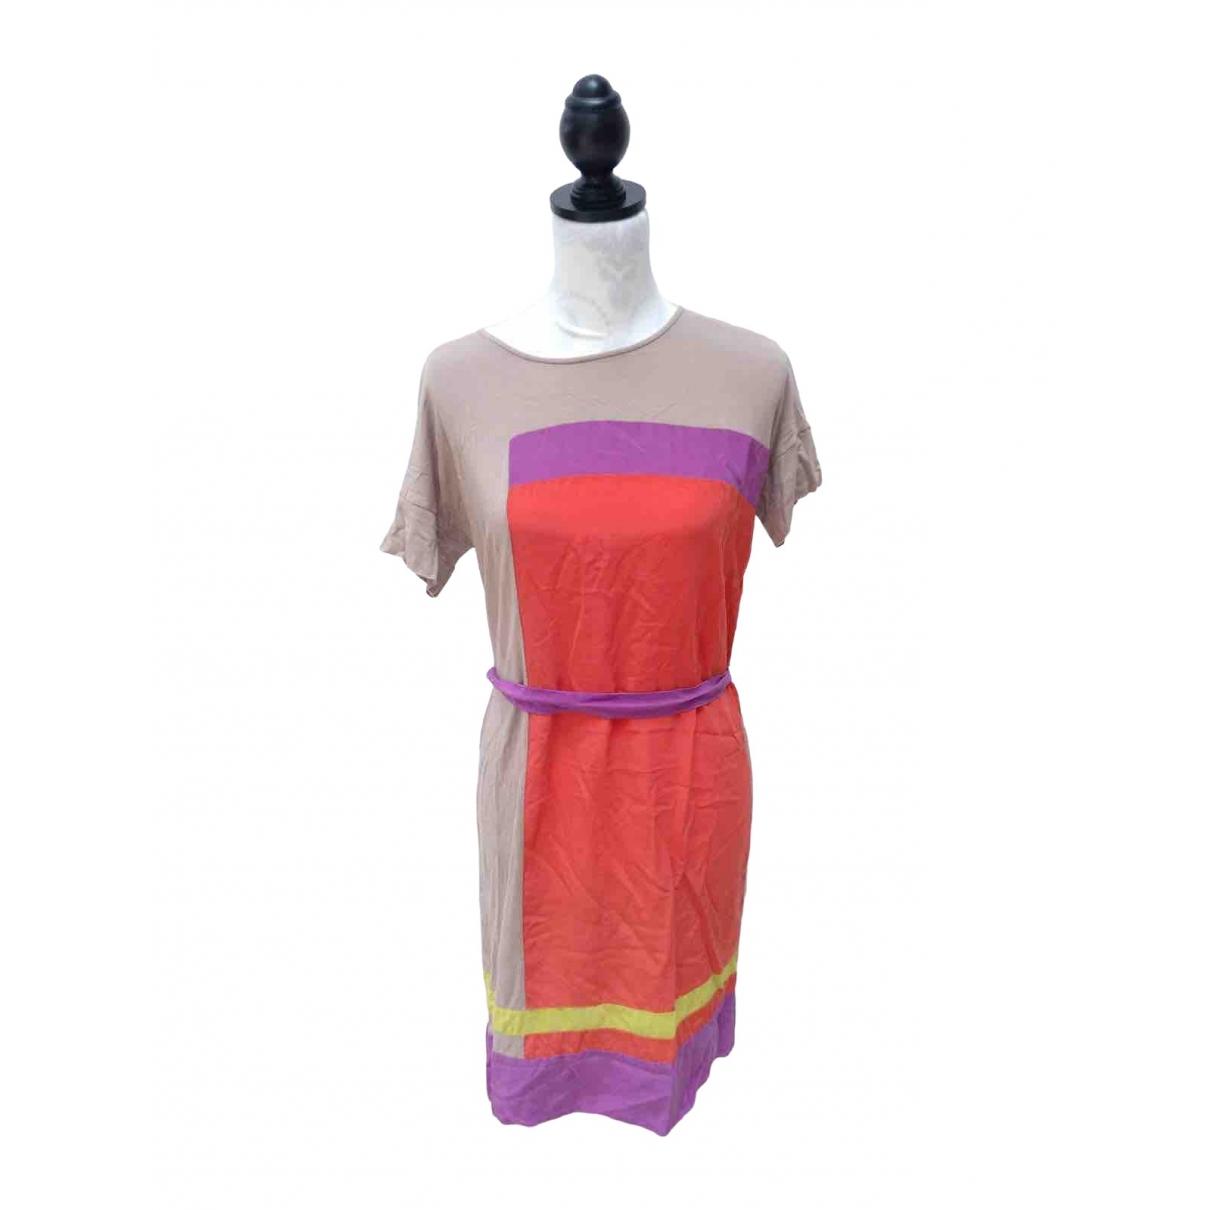 Bcbg Max Azria - Robe   pour femme en soie - multicolore